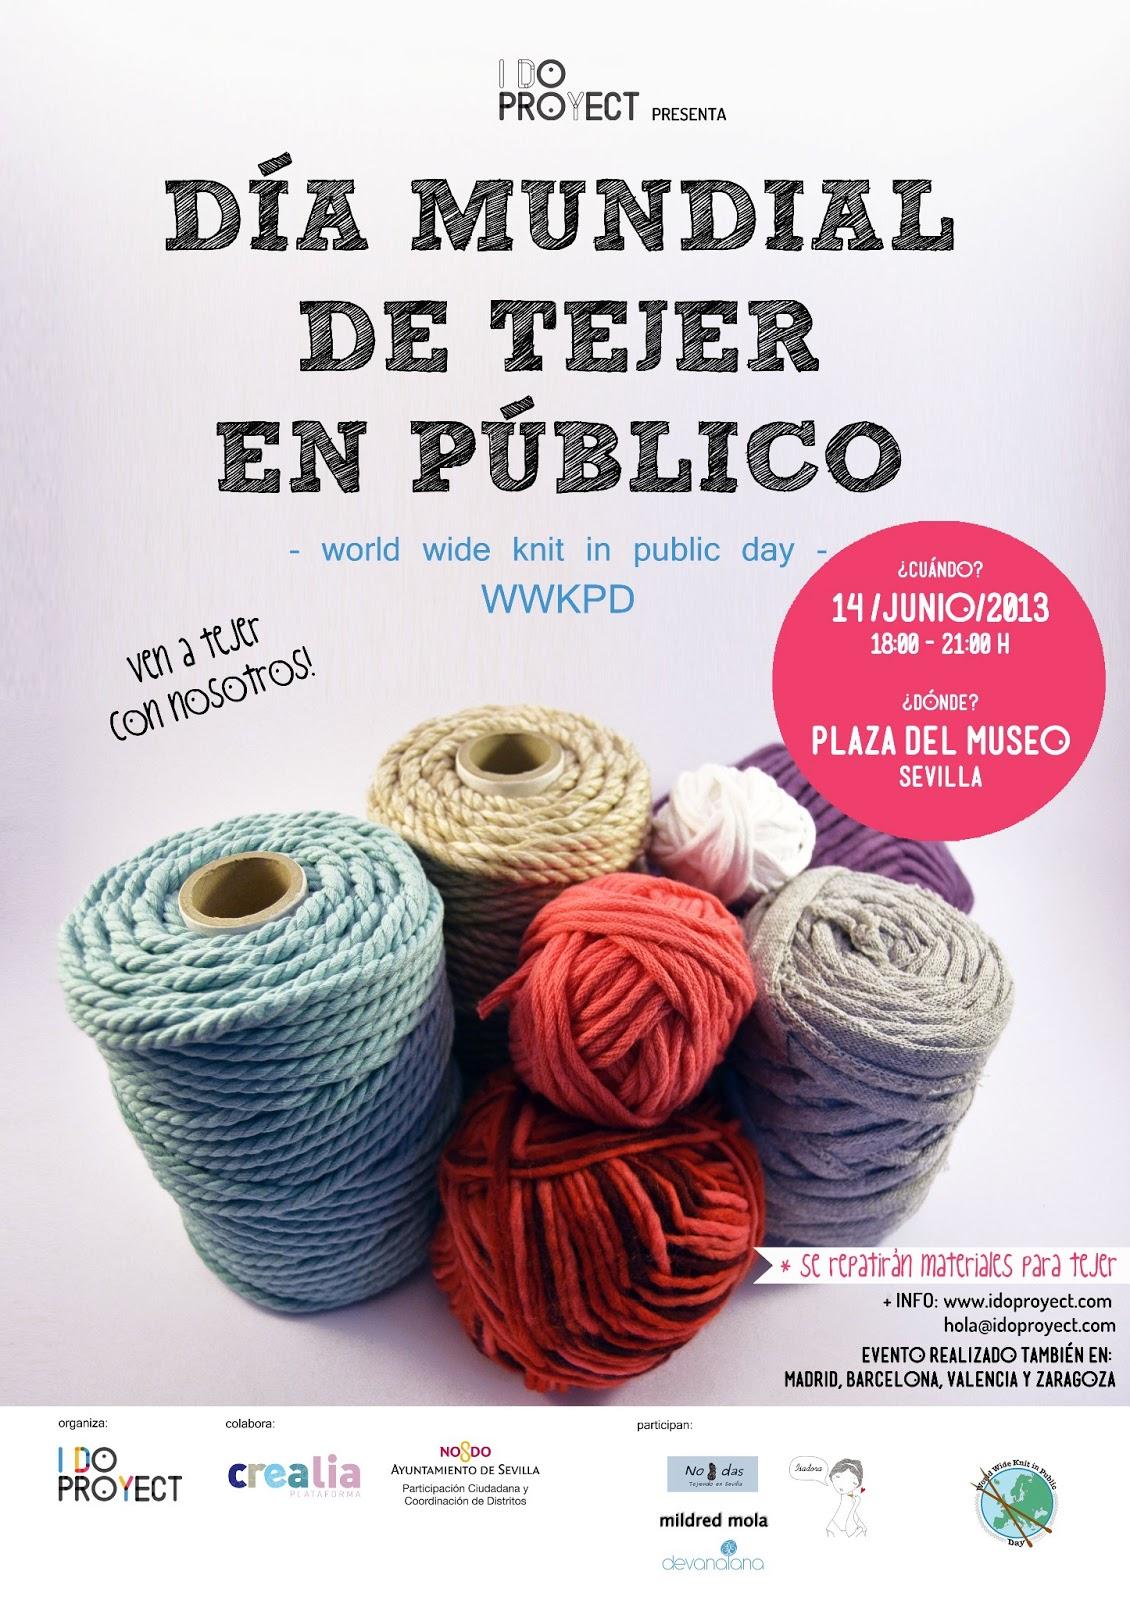 Dia Mundial de Tejer en Publico 14 Junio 2013